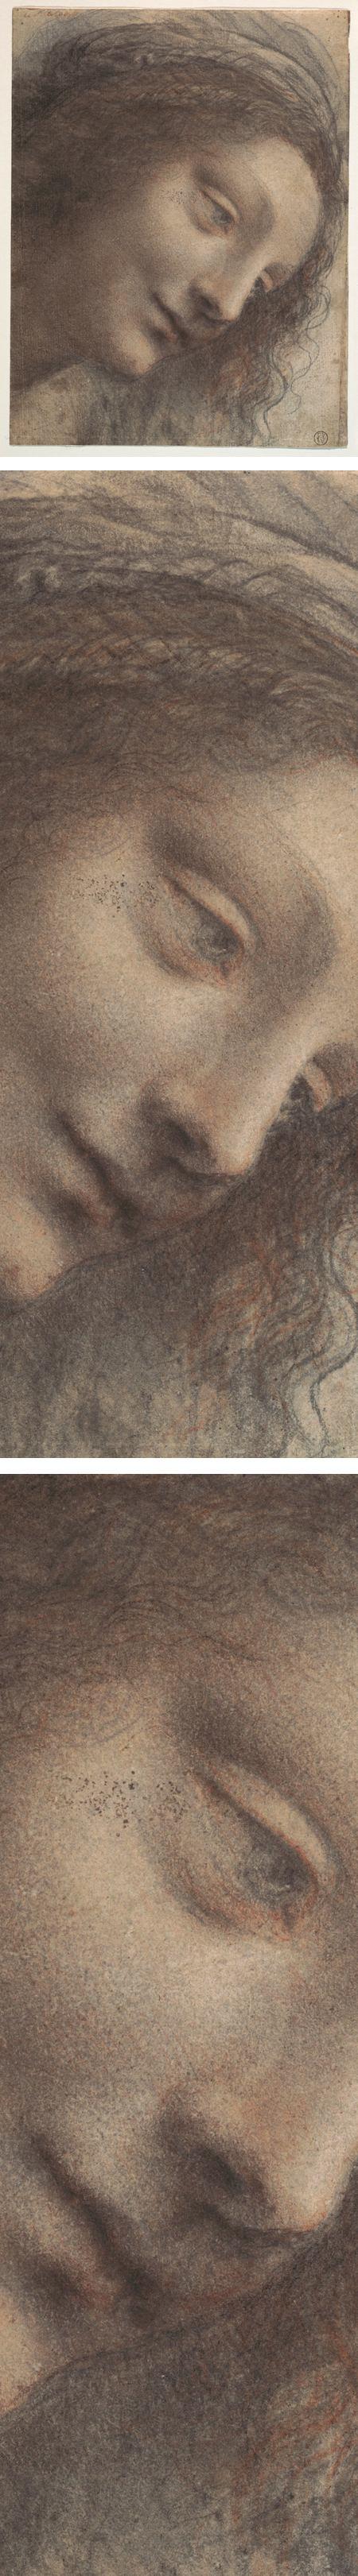 The Head of the Virgin in Three-Quarter View Facing Right, Leonardo da Vinci